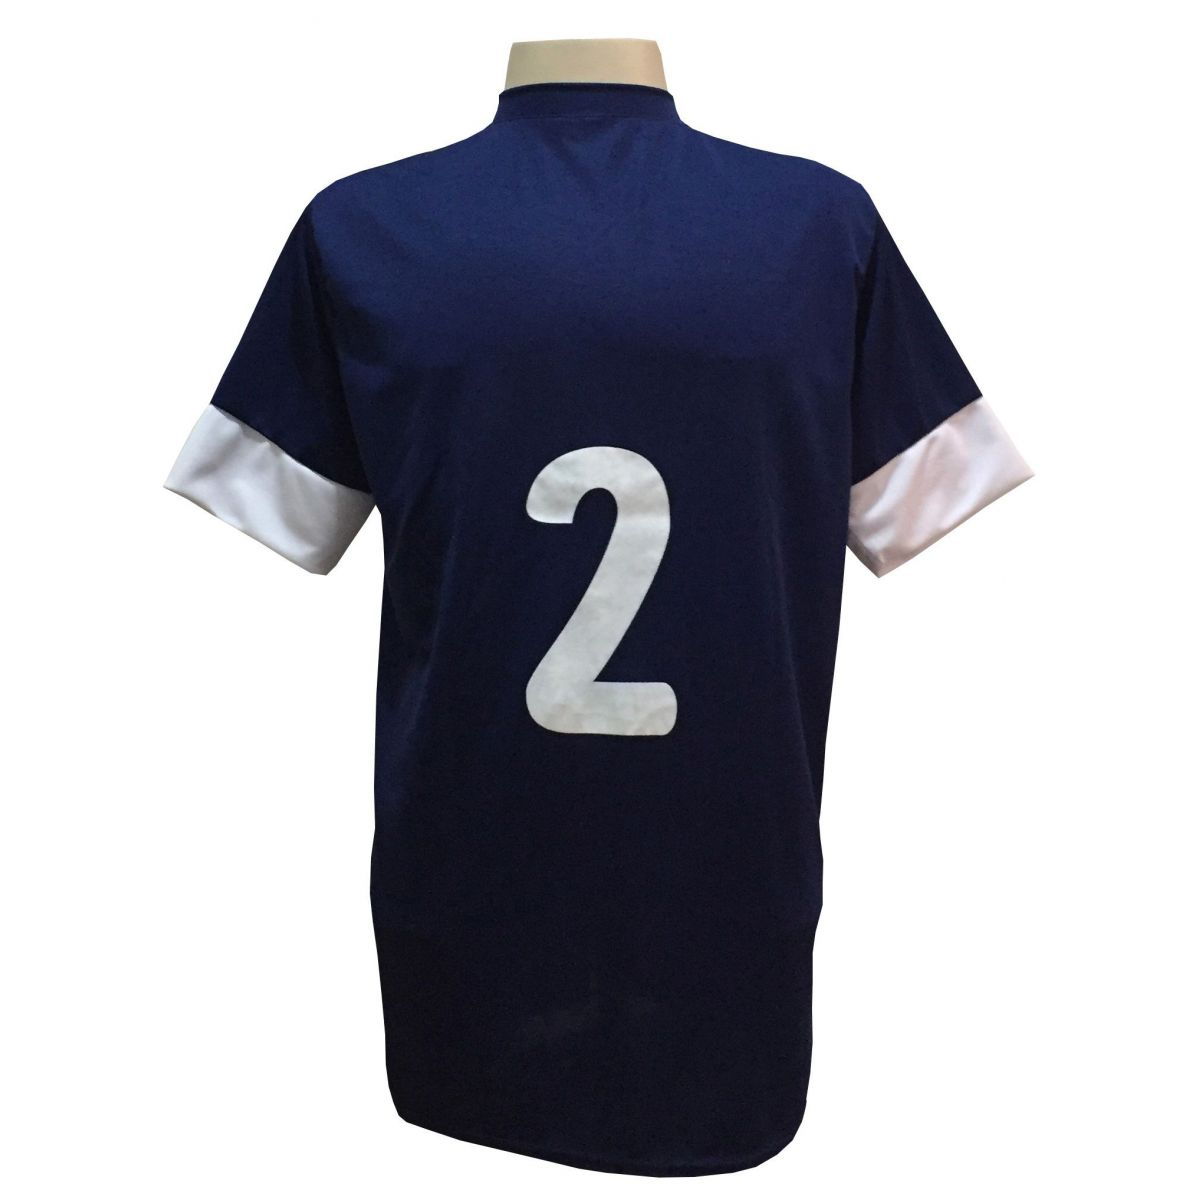 Fardamento Completo modelo Columbus 18+2 (18 Camisas Marinho/Branco + 18 Calções Madrid Marinho + 18 Pares de Meiões Marinho + 2 Conjuntos de Goleiro) + Brindes